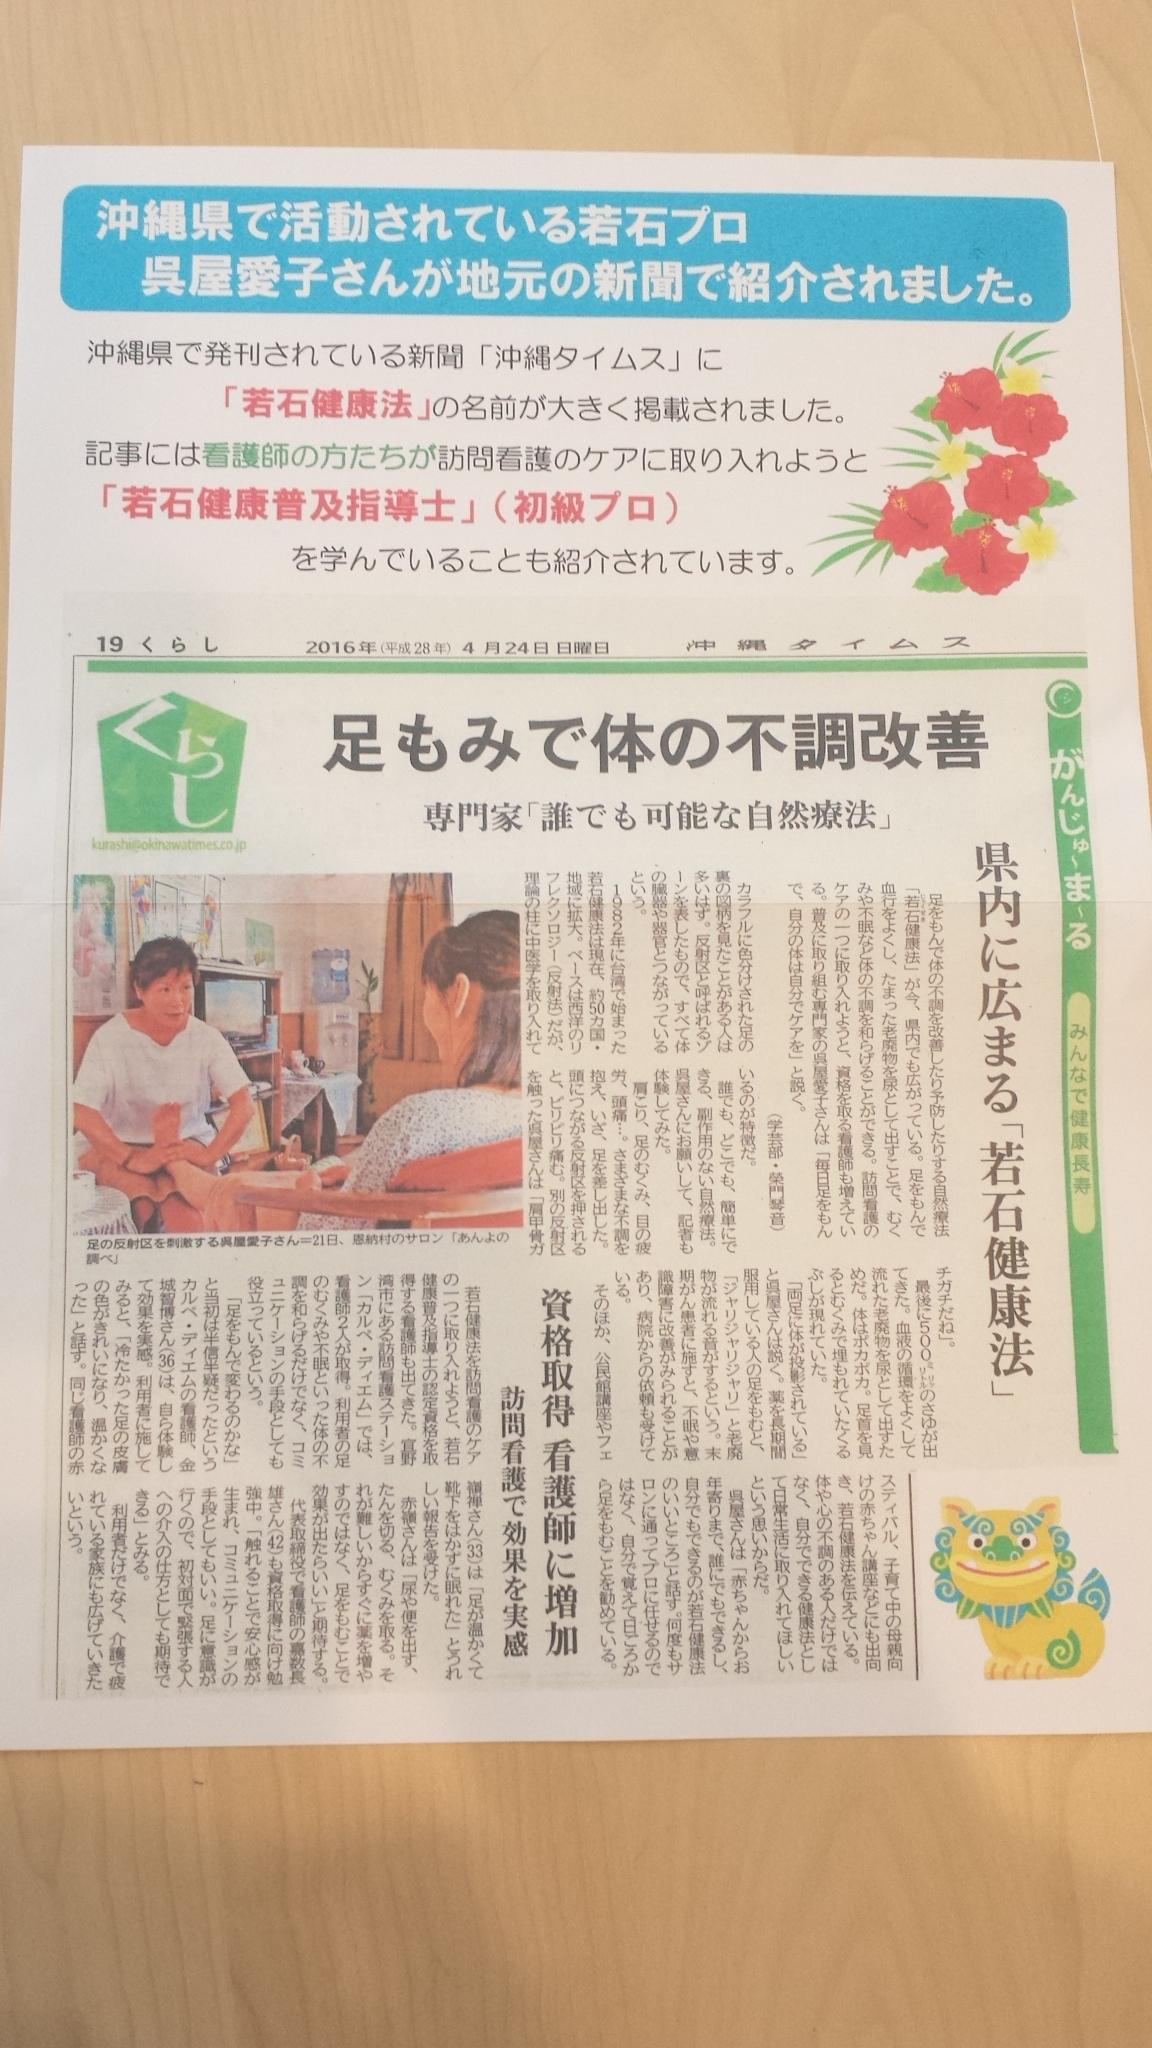 http://www.jakuseki-rmr.com/mt_img/jakuseki-sinbun.jpg